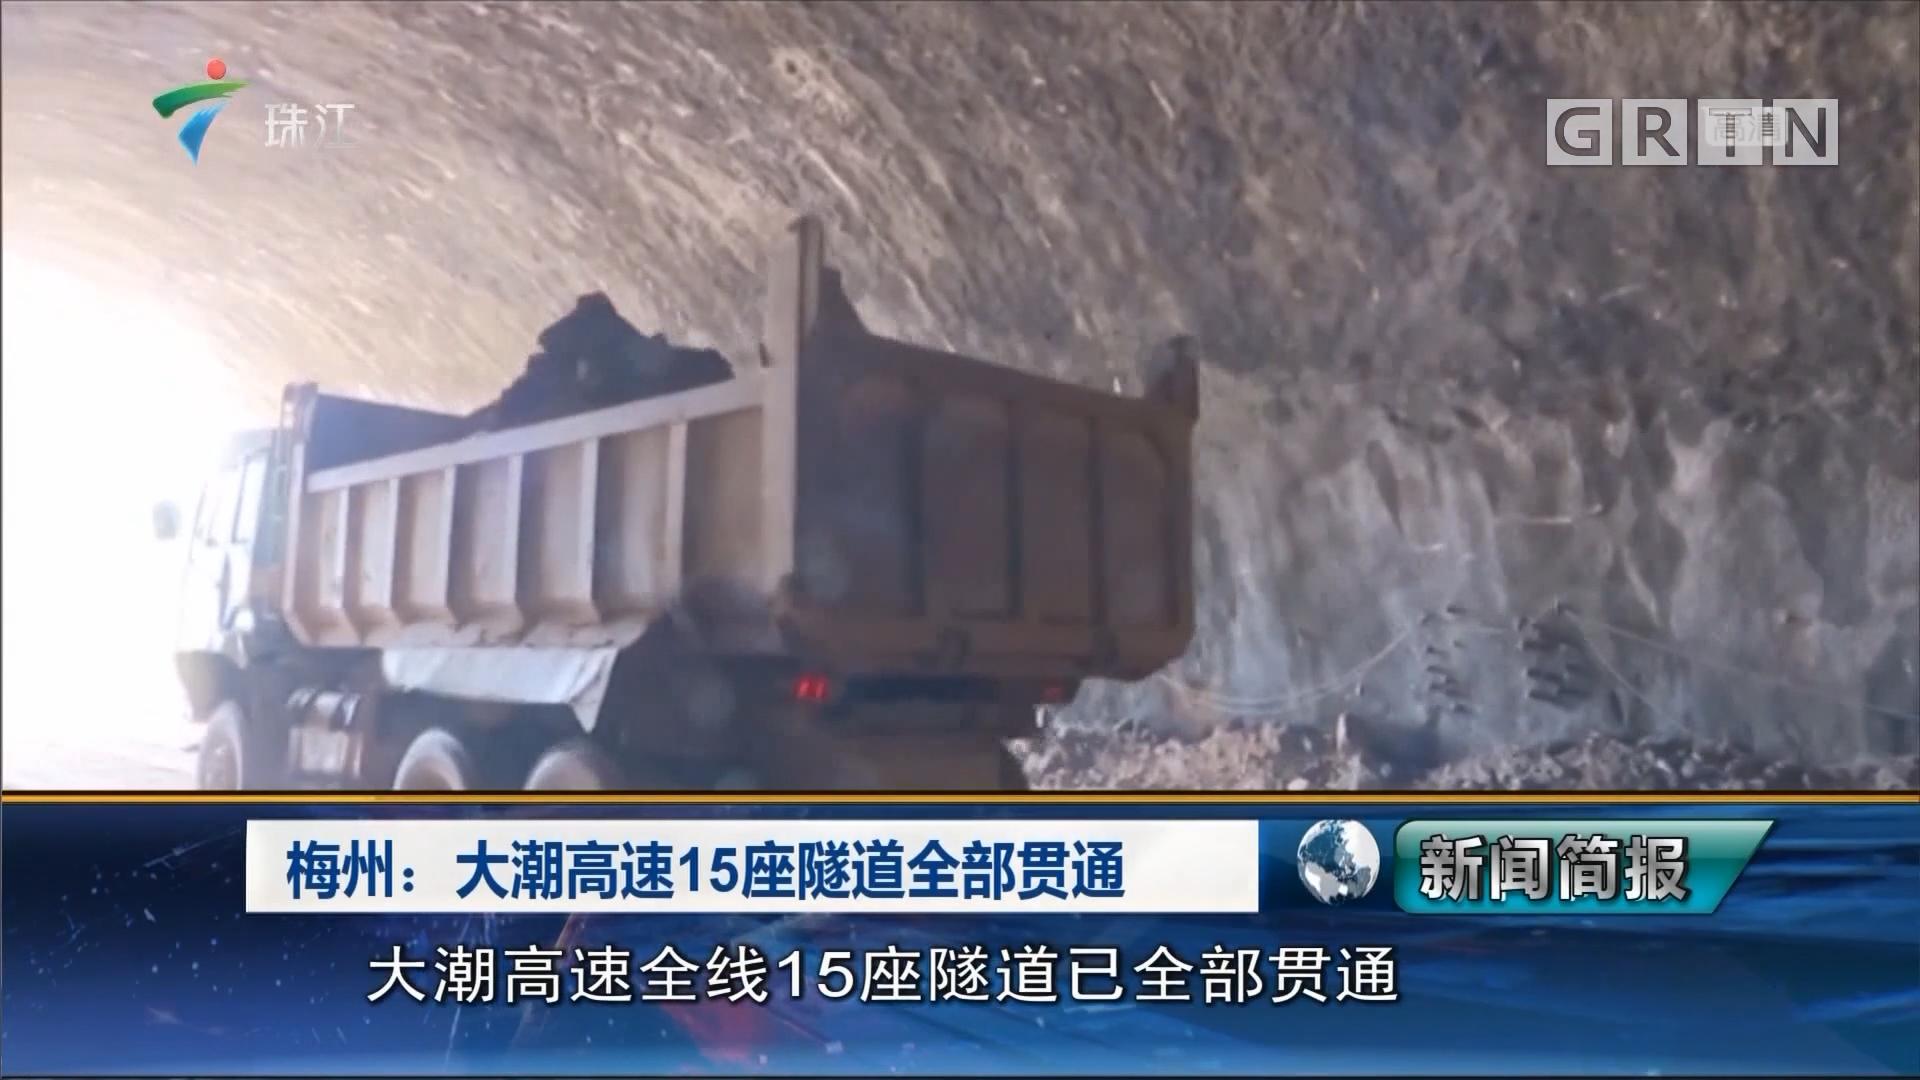 梅州:大潮高速15座隧道全部贯通